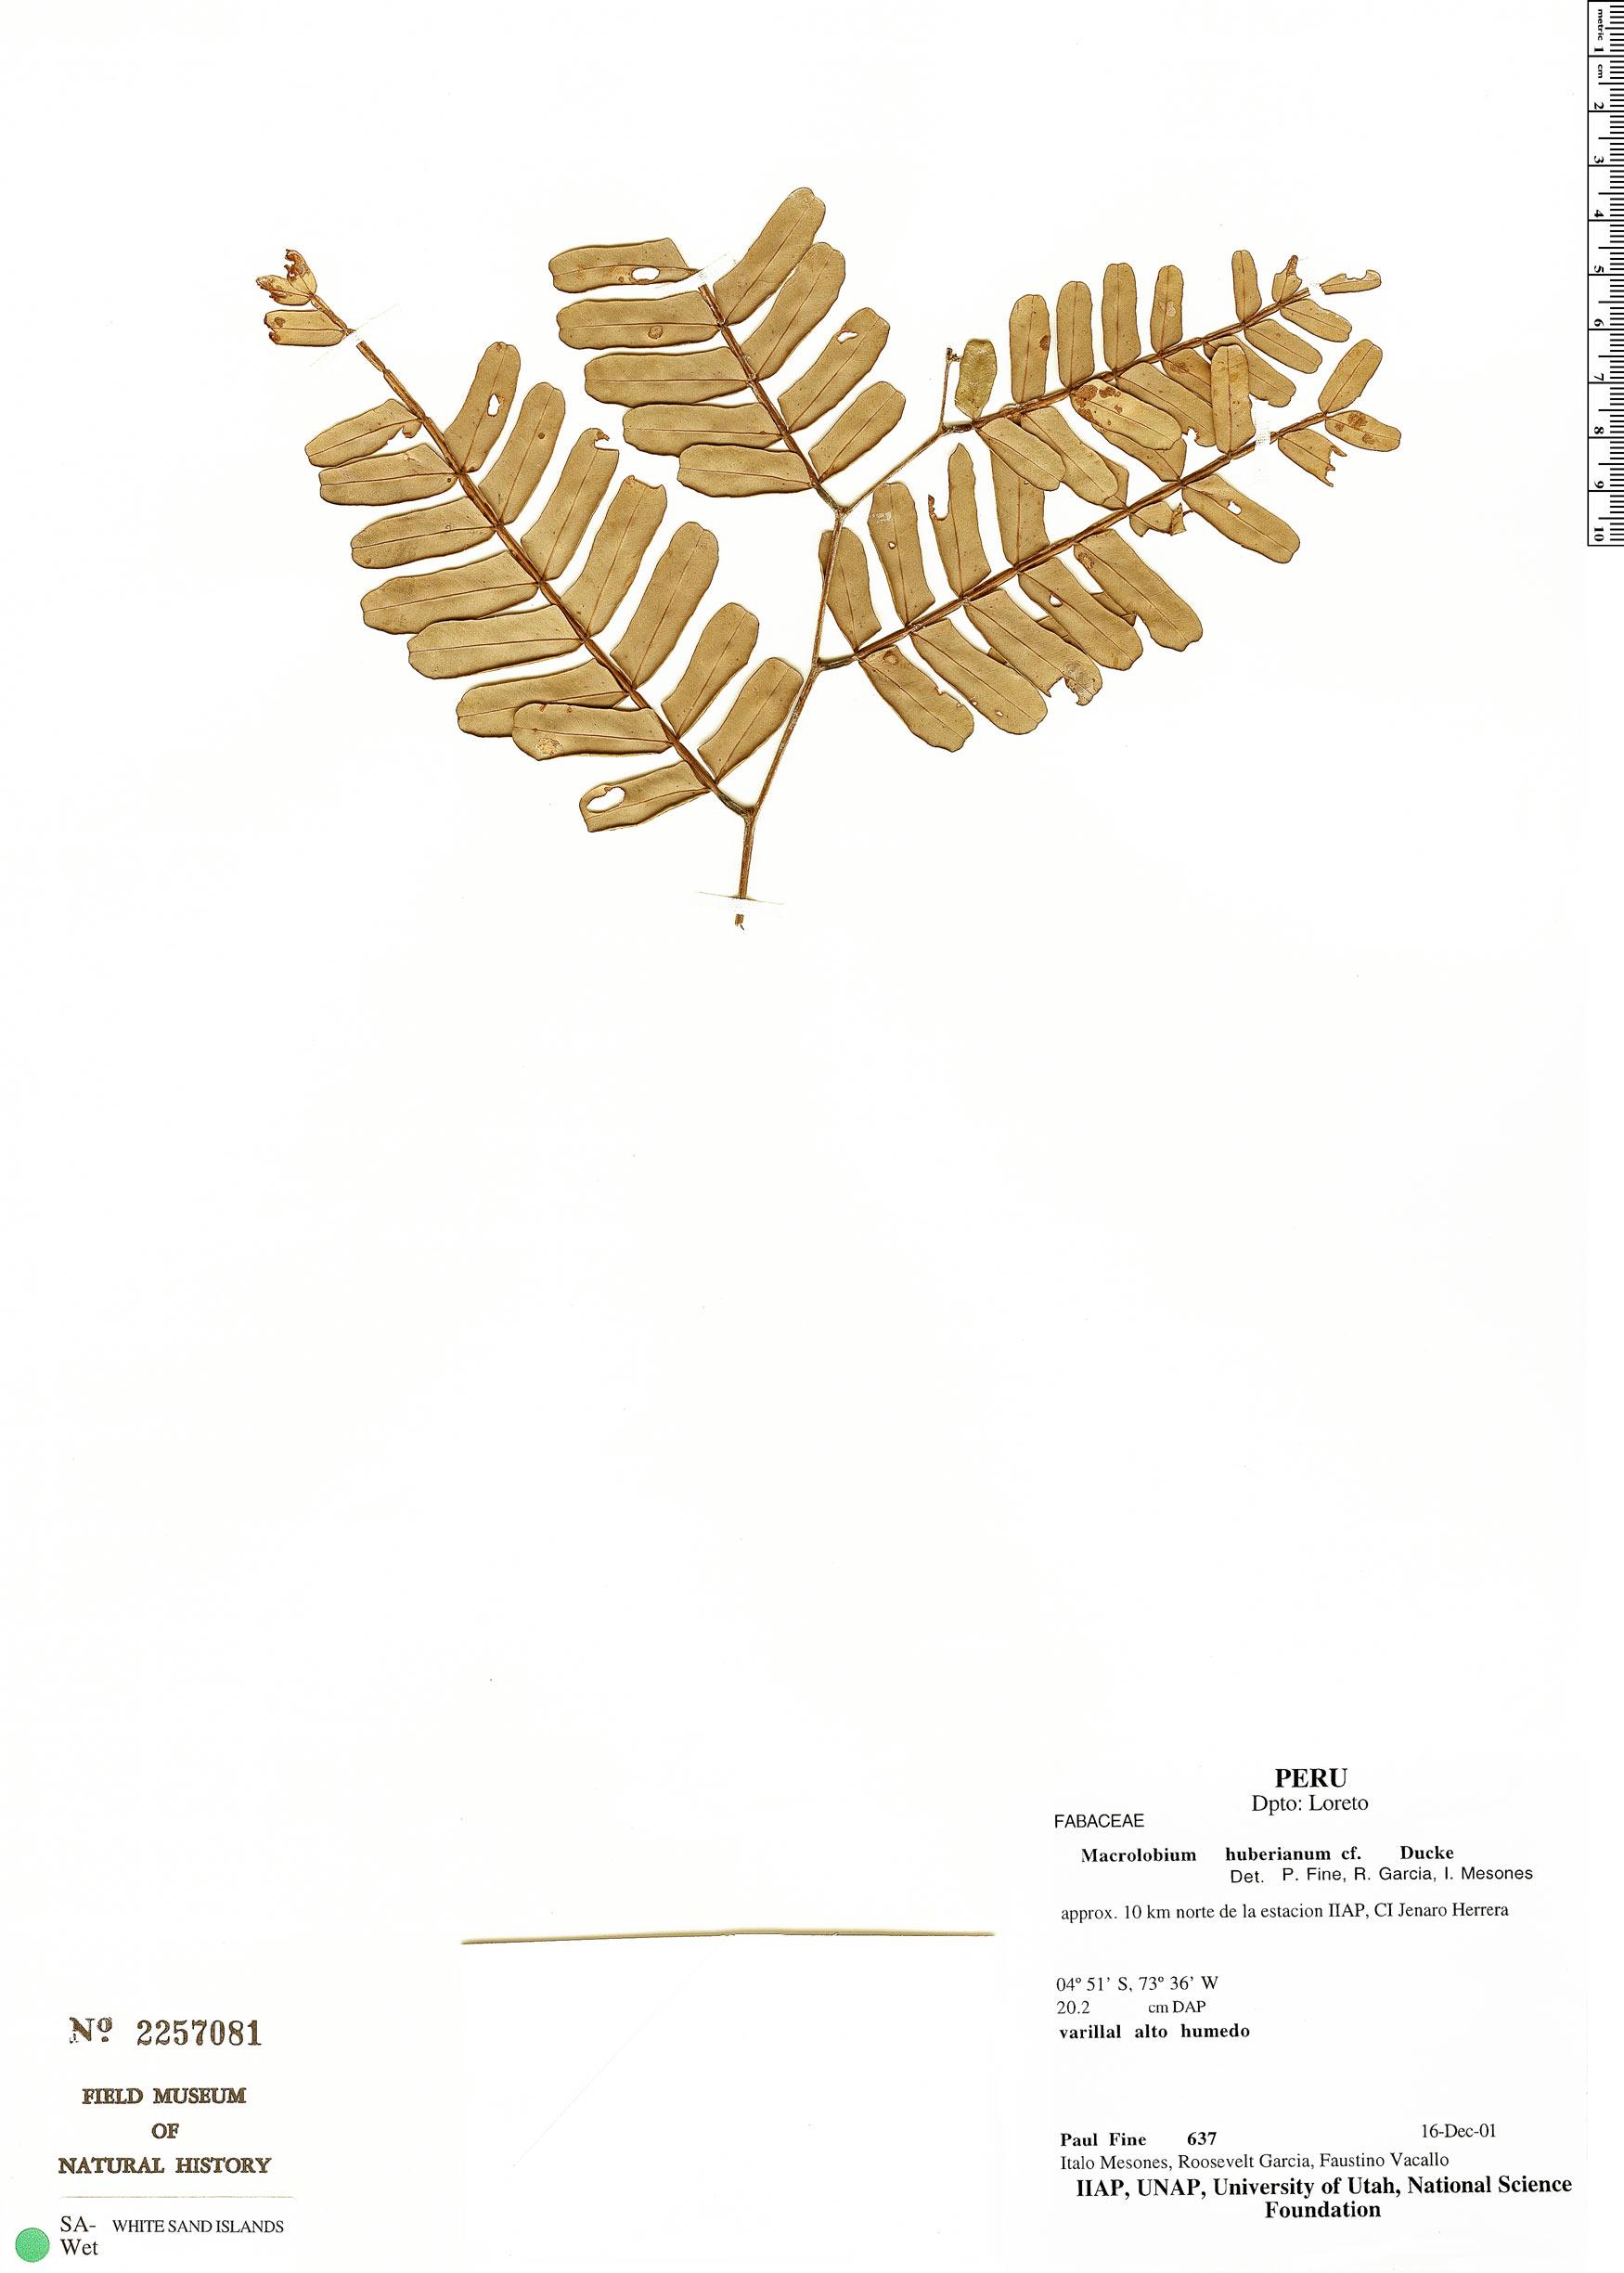 Specimen: Macrolobium huberianum